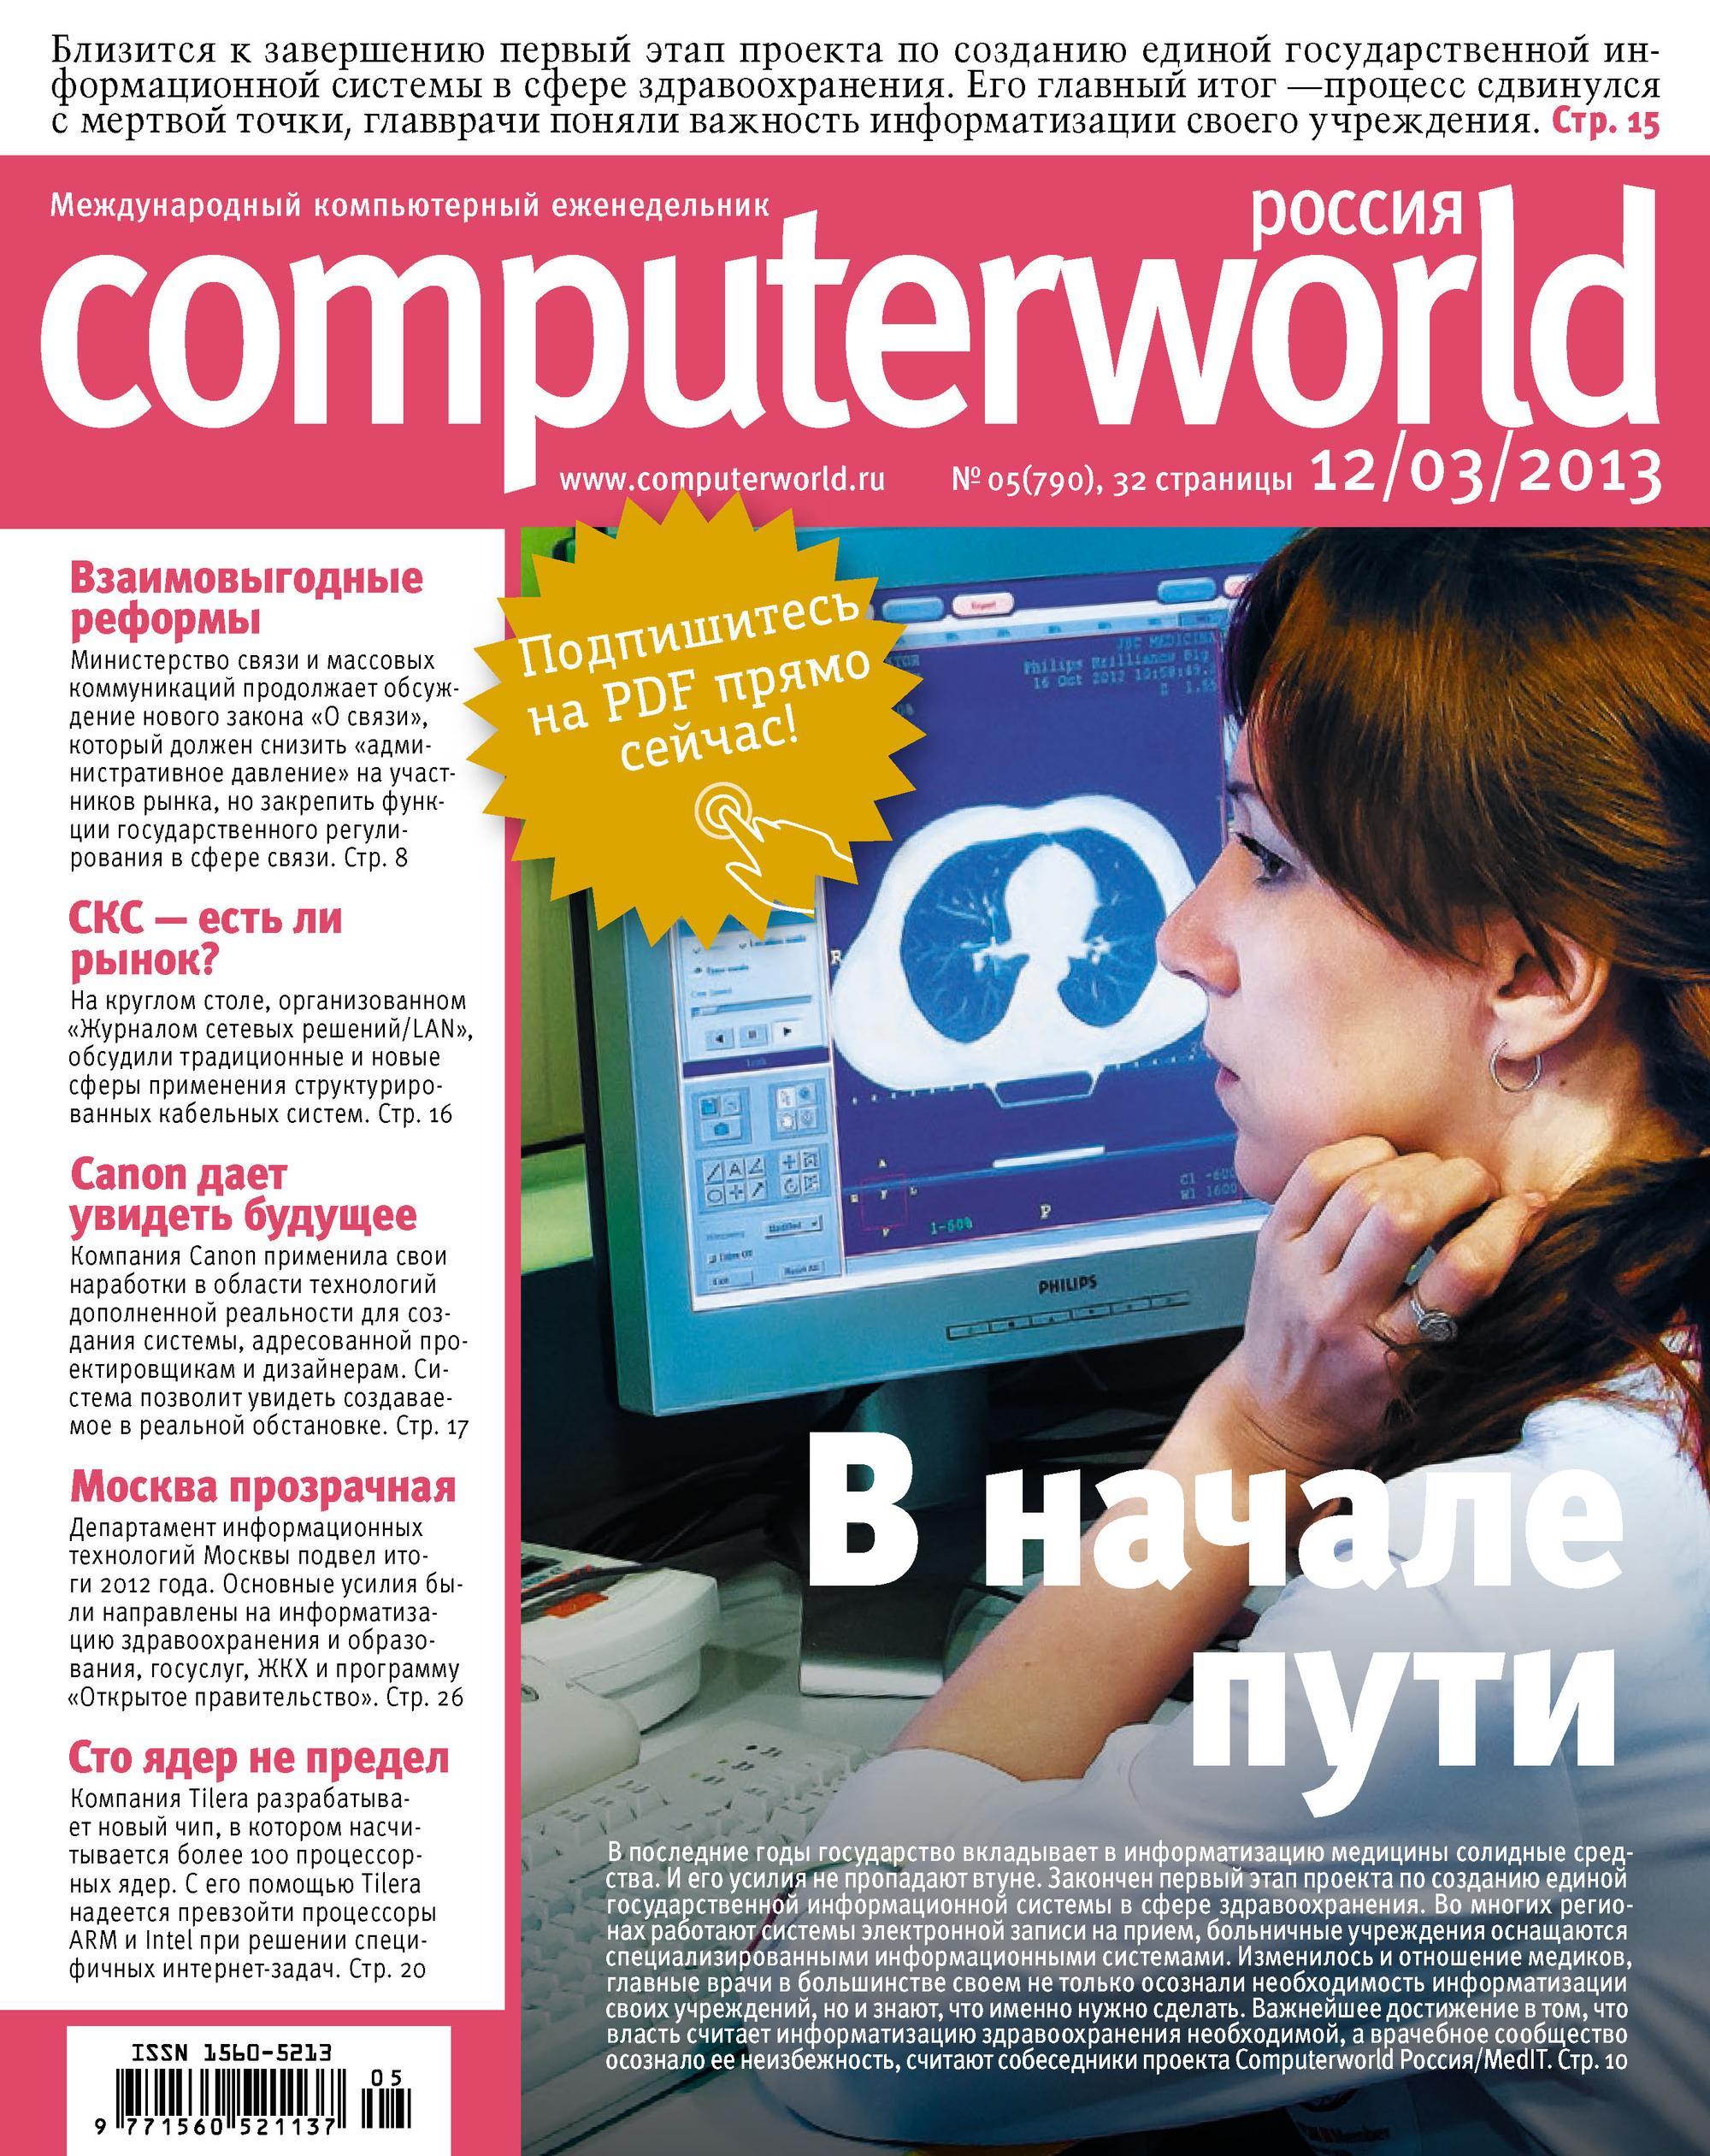 Открытые системы Журнал Computerworld Россия №05/2013 открытые системы журнал computerworld россия 24 2012